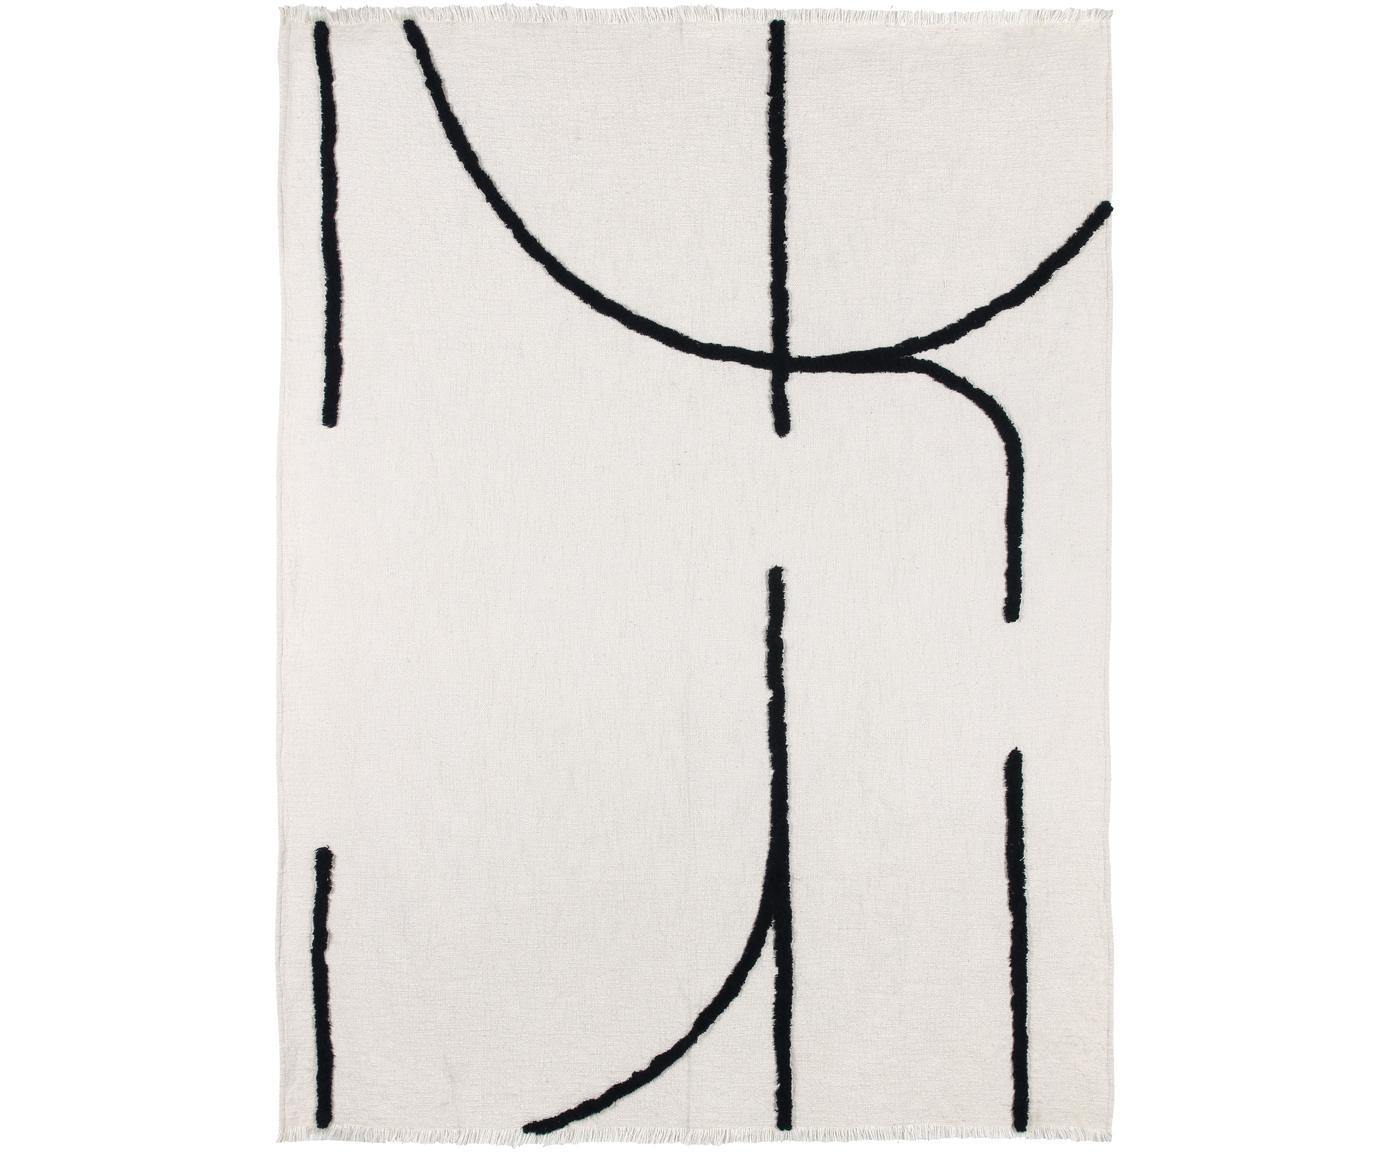 Boho Plaid Lina mit Fransenabschluss und getufteter Verzierung, 70% Baumwolle, 30% Polyester, Gebrochenes Weiß, Schwarz, 130 x 170 cm